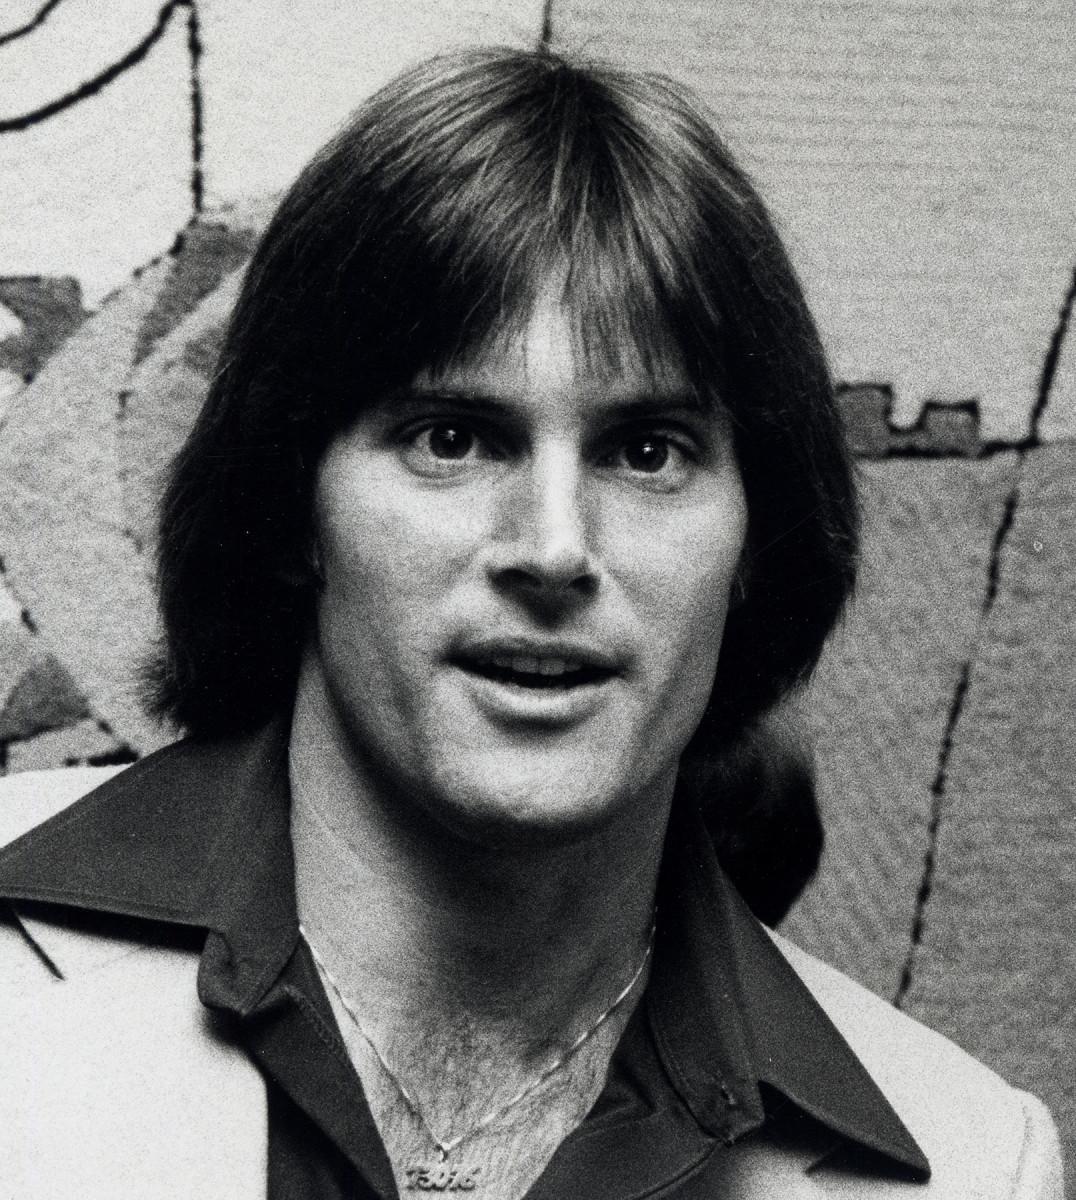 Bruce Jenner before Caitlyn Jenner